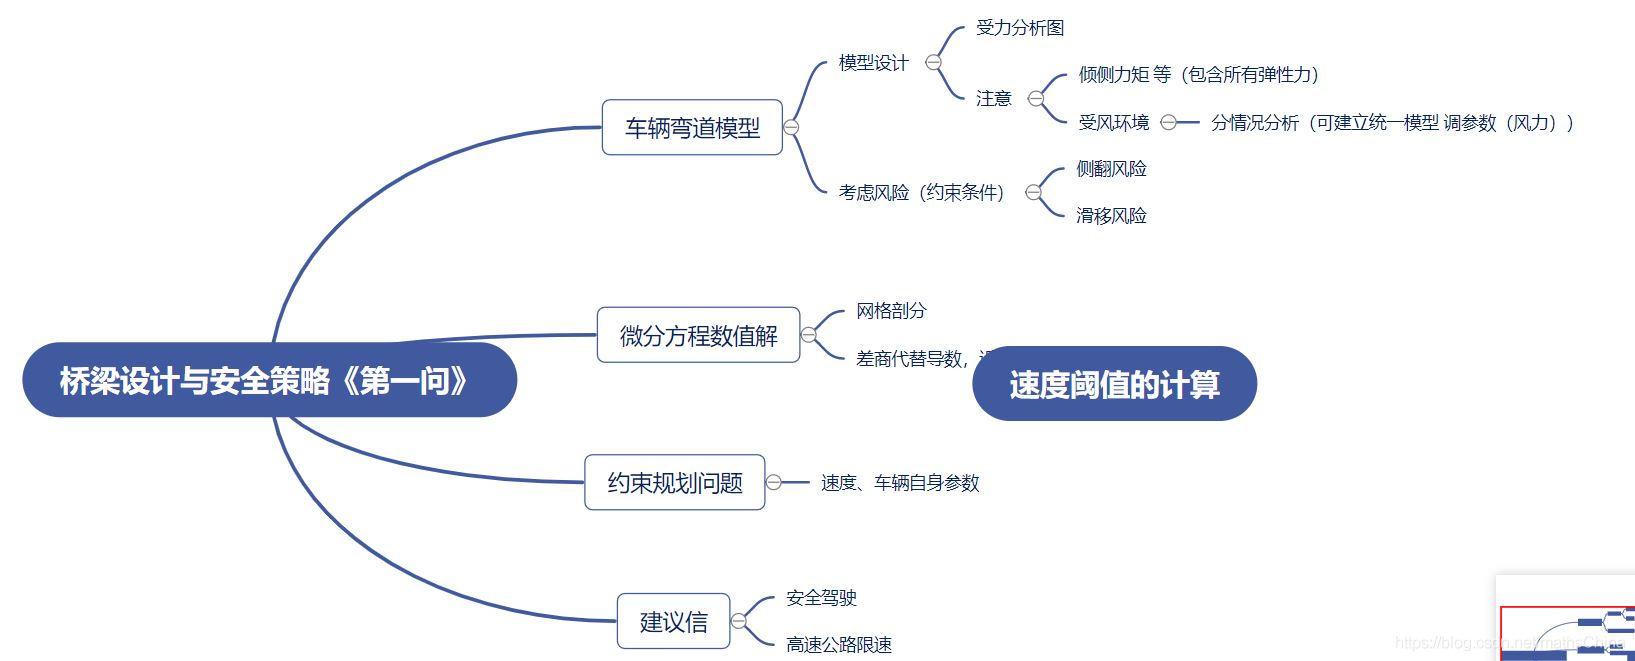 【北航数模】21中青杯 B题 港珠澳大桥桥梁设计与安全策略 A题汽车组装车间流水线问题